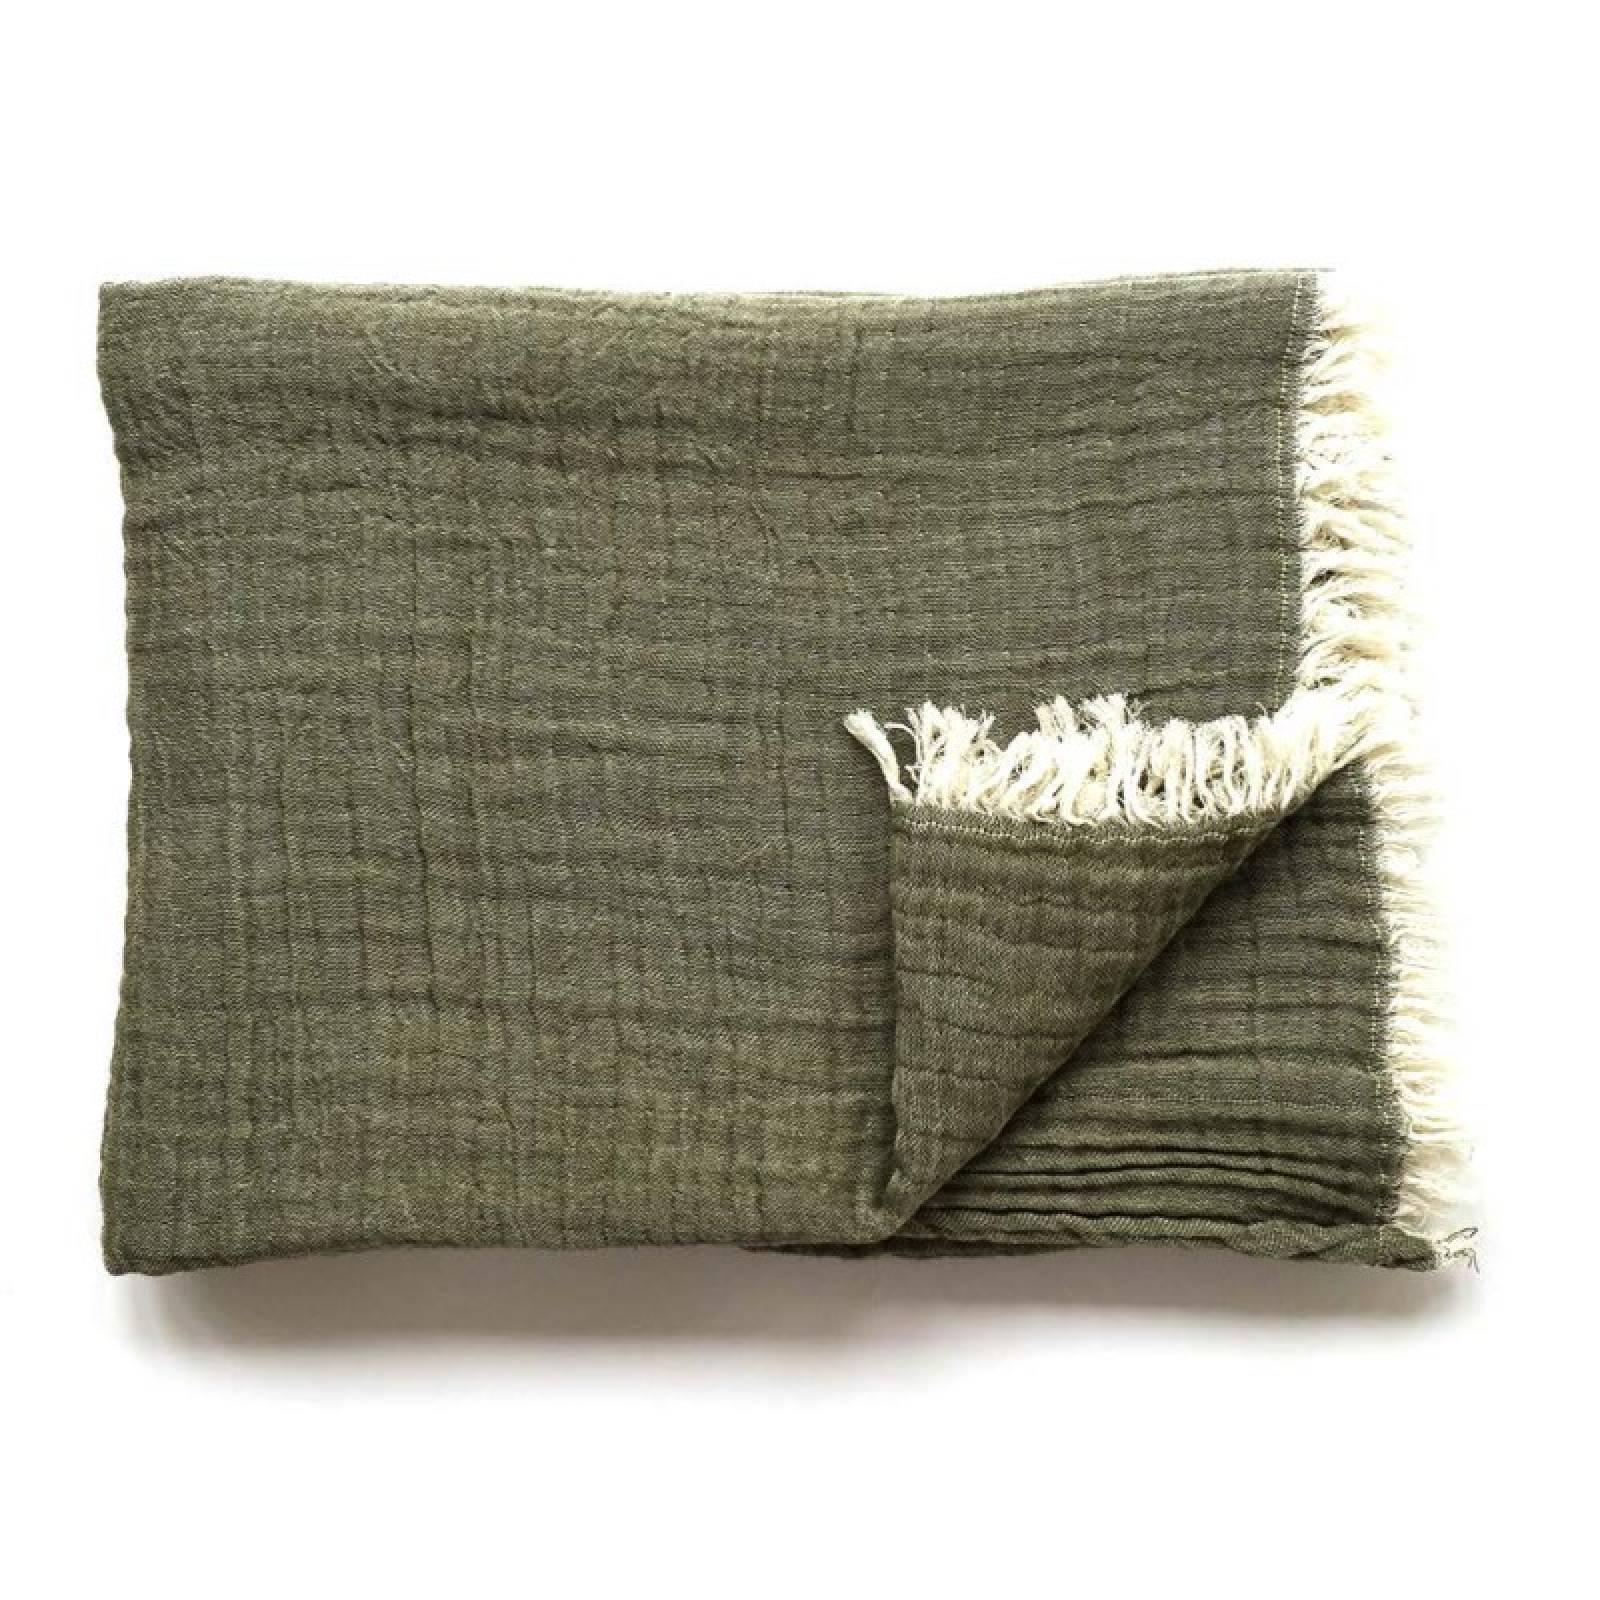 Soft Cotton Throw In Khaki Green thumbnails